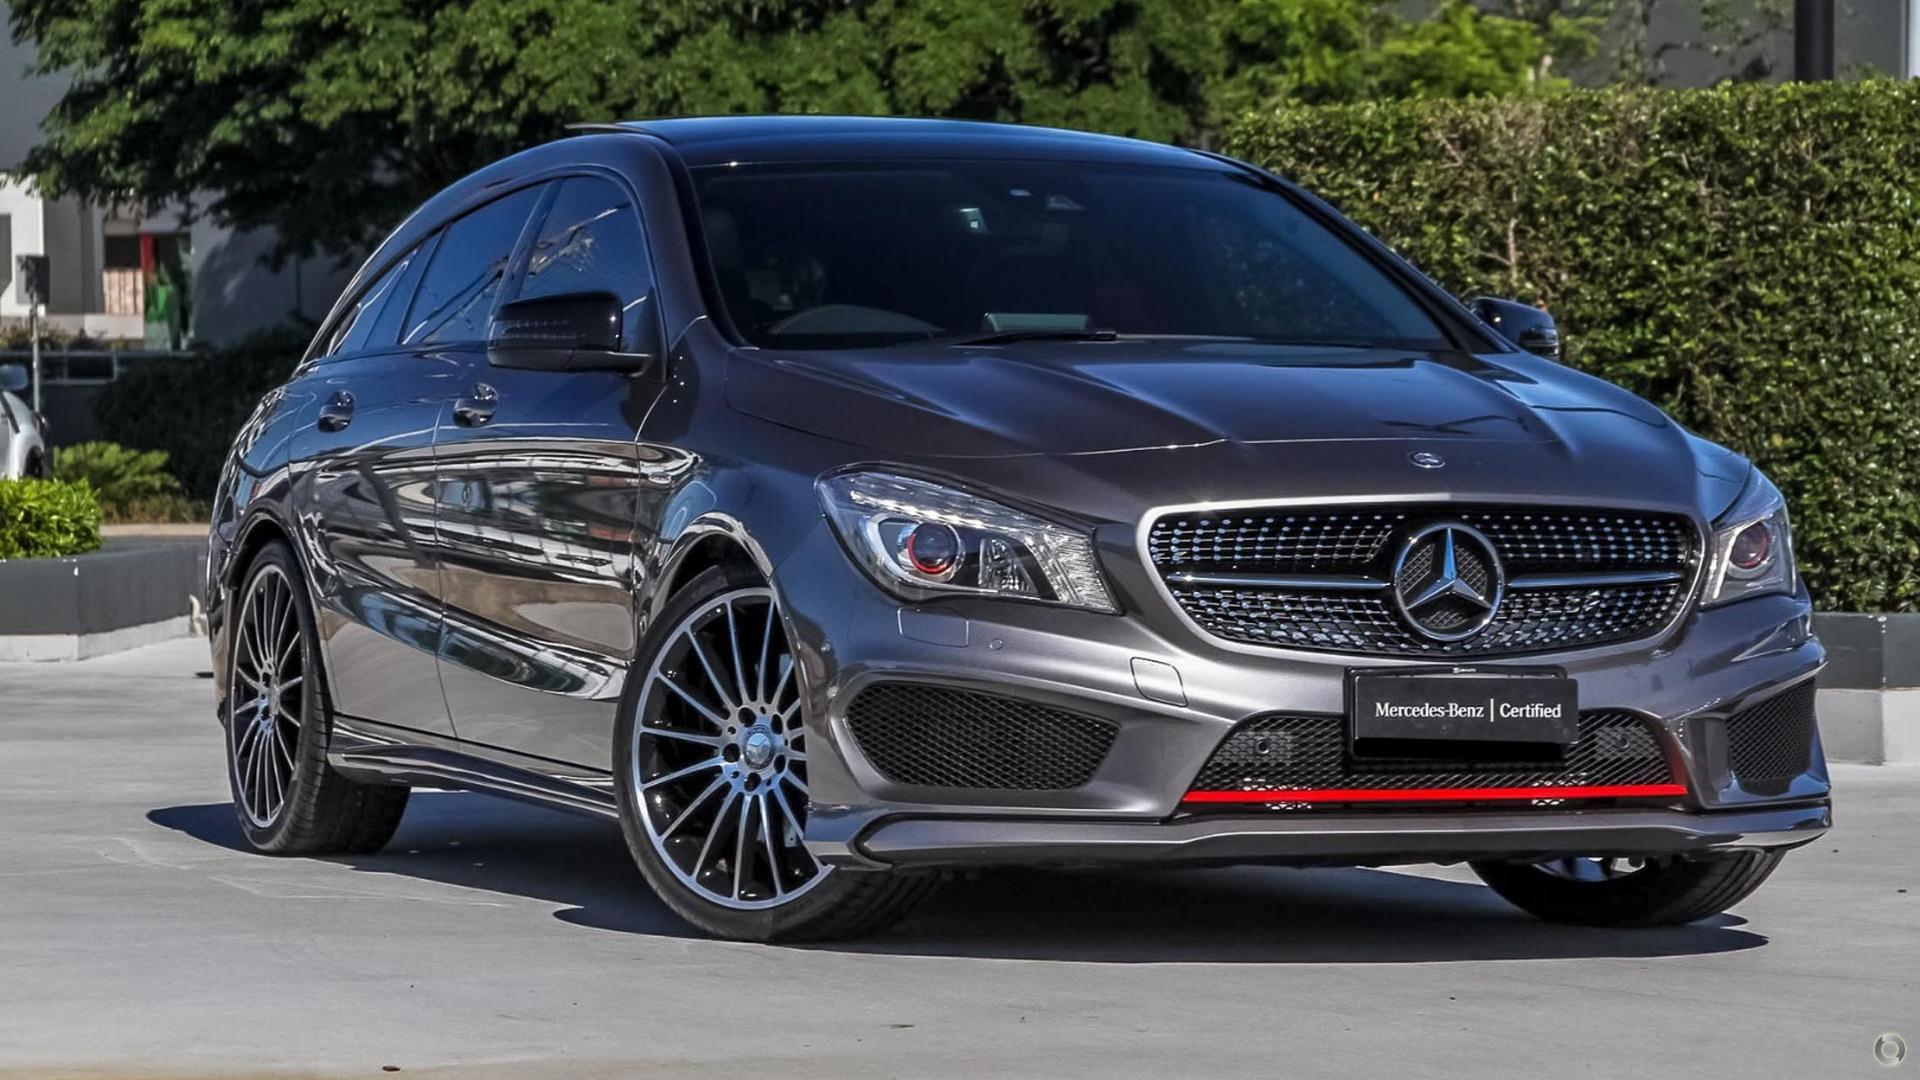 2016 Mercedes-Benz CLA 250 Shooting Brake